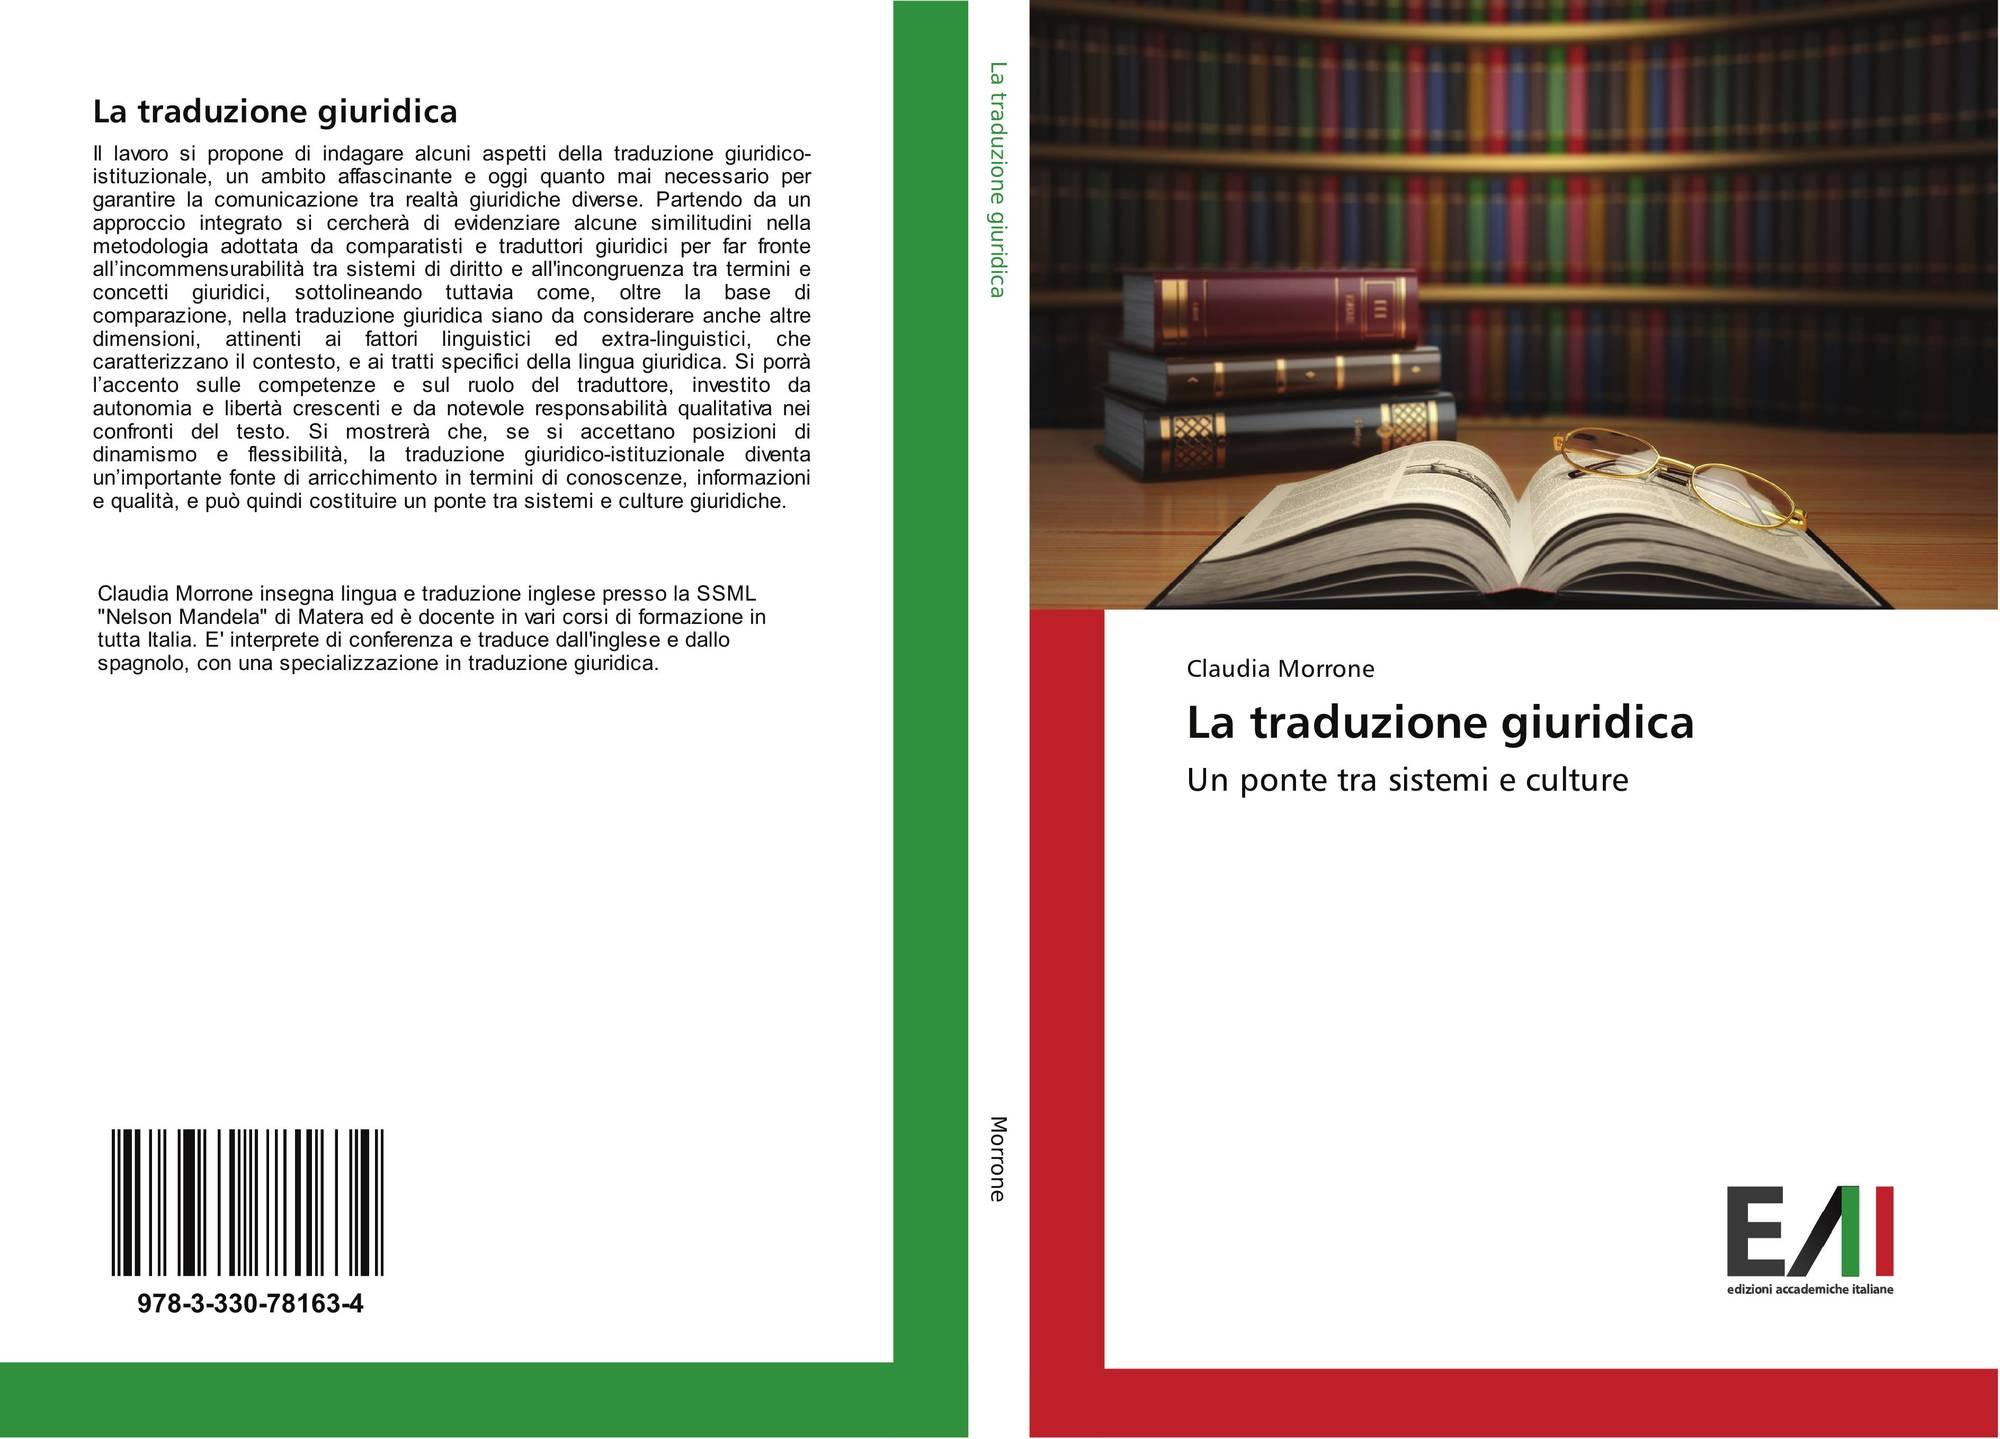 Soggiorno linguistico in inglese traduzione for Soggiorno linguistico